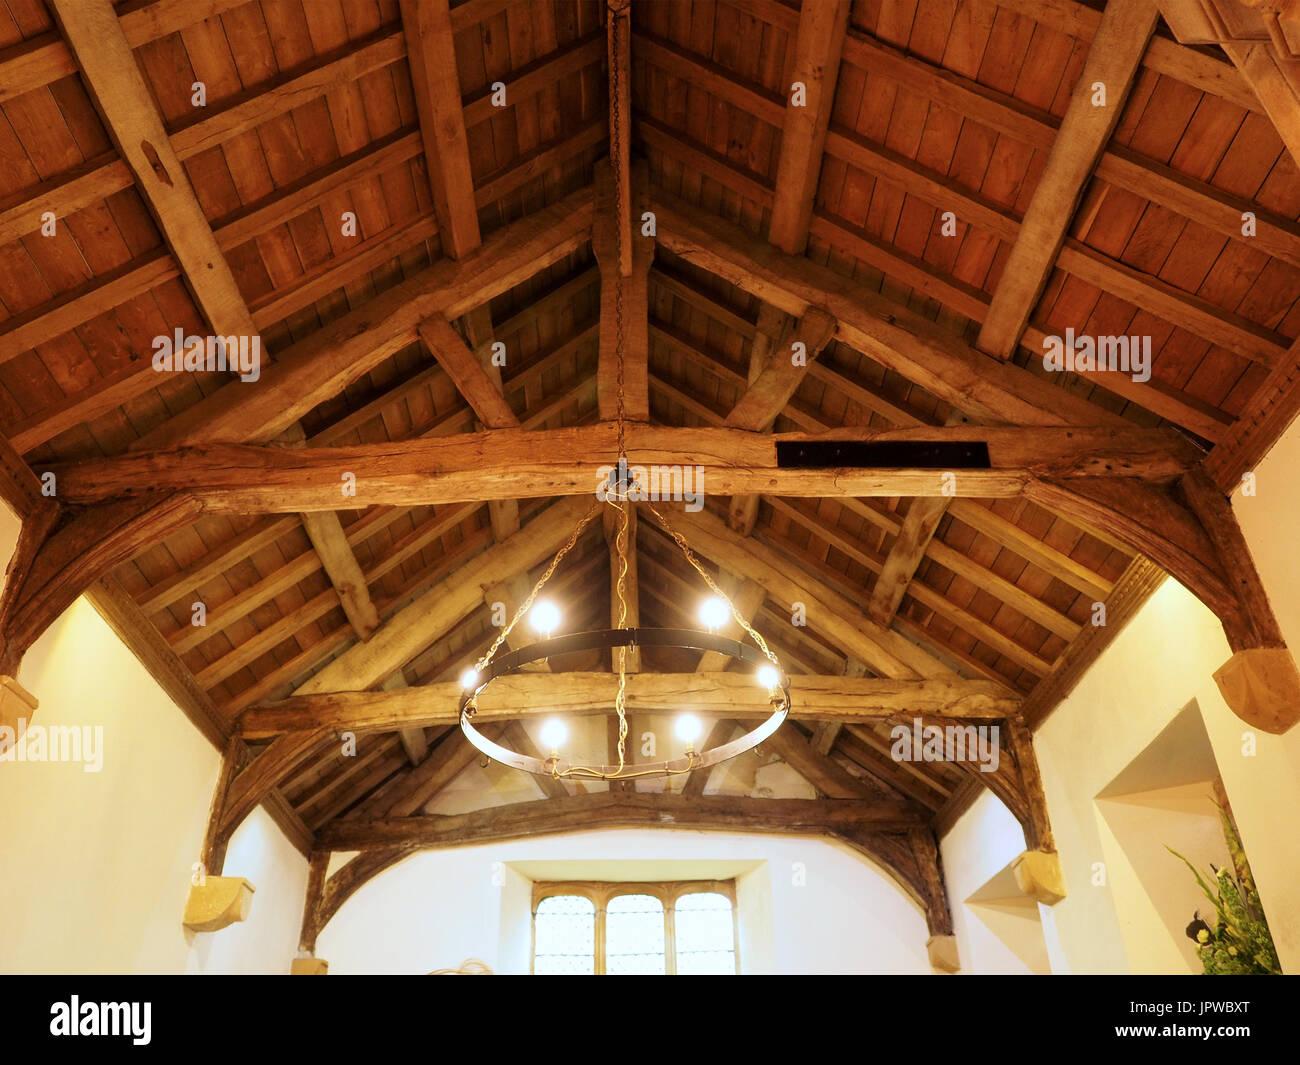 Viguetas de madera finest encofrado de vigas de madera enkoflex adaptable a cualquier tipo de - Cambiar vigas de madera ...